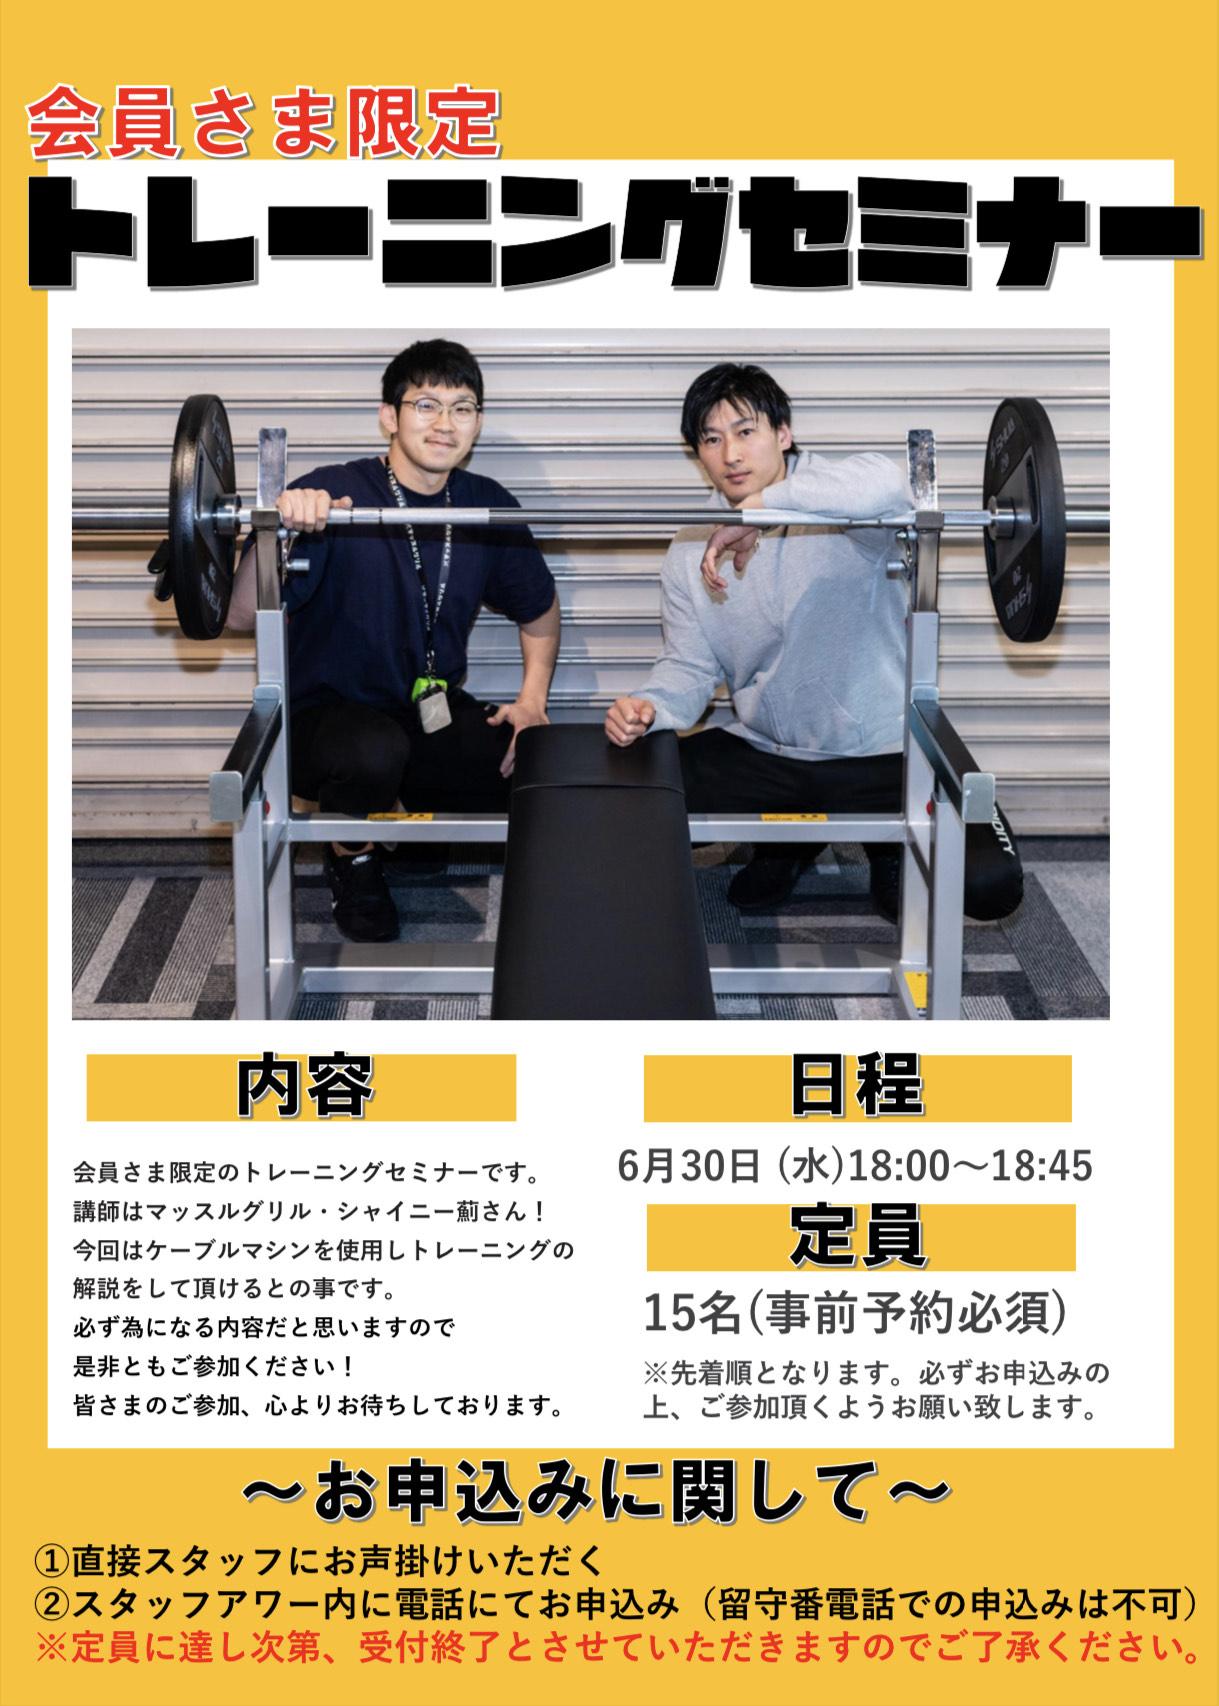 【会員様限定】シャイニー薊トレーニングセミナー開催のお知らせ(予約制)